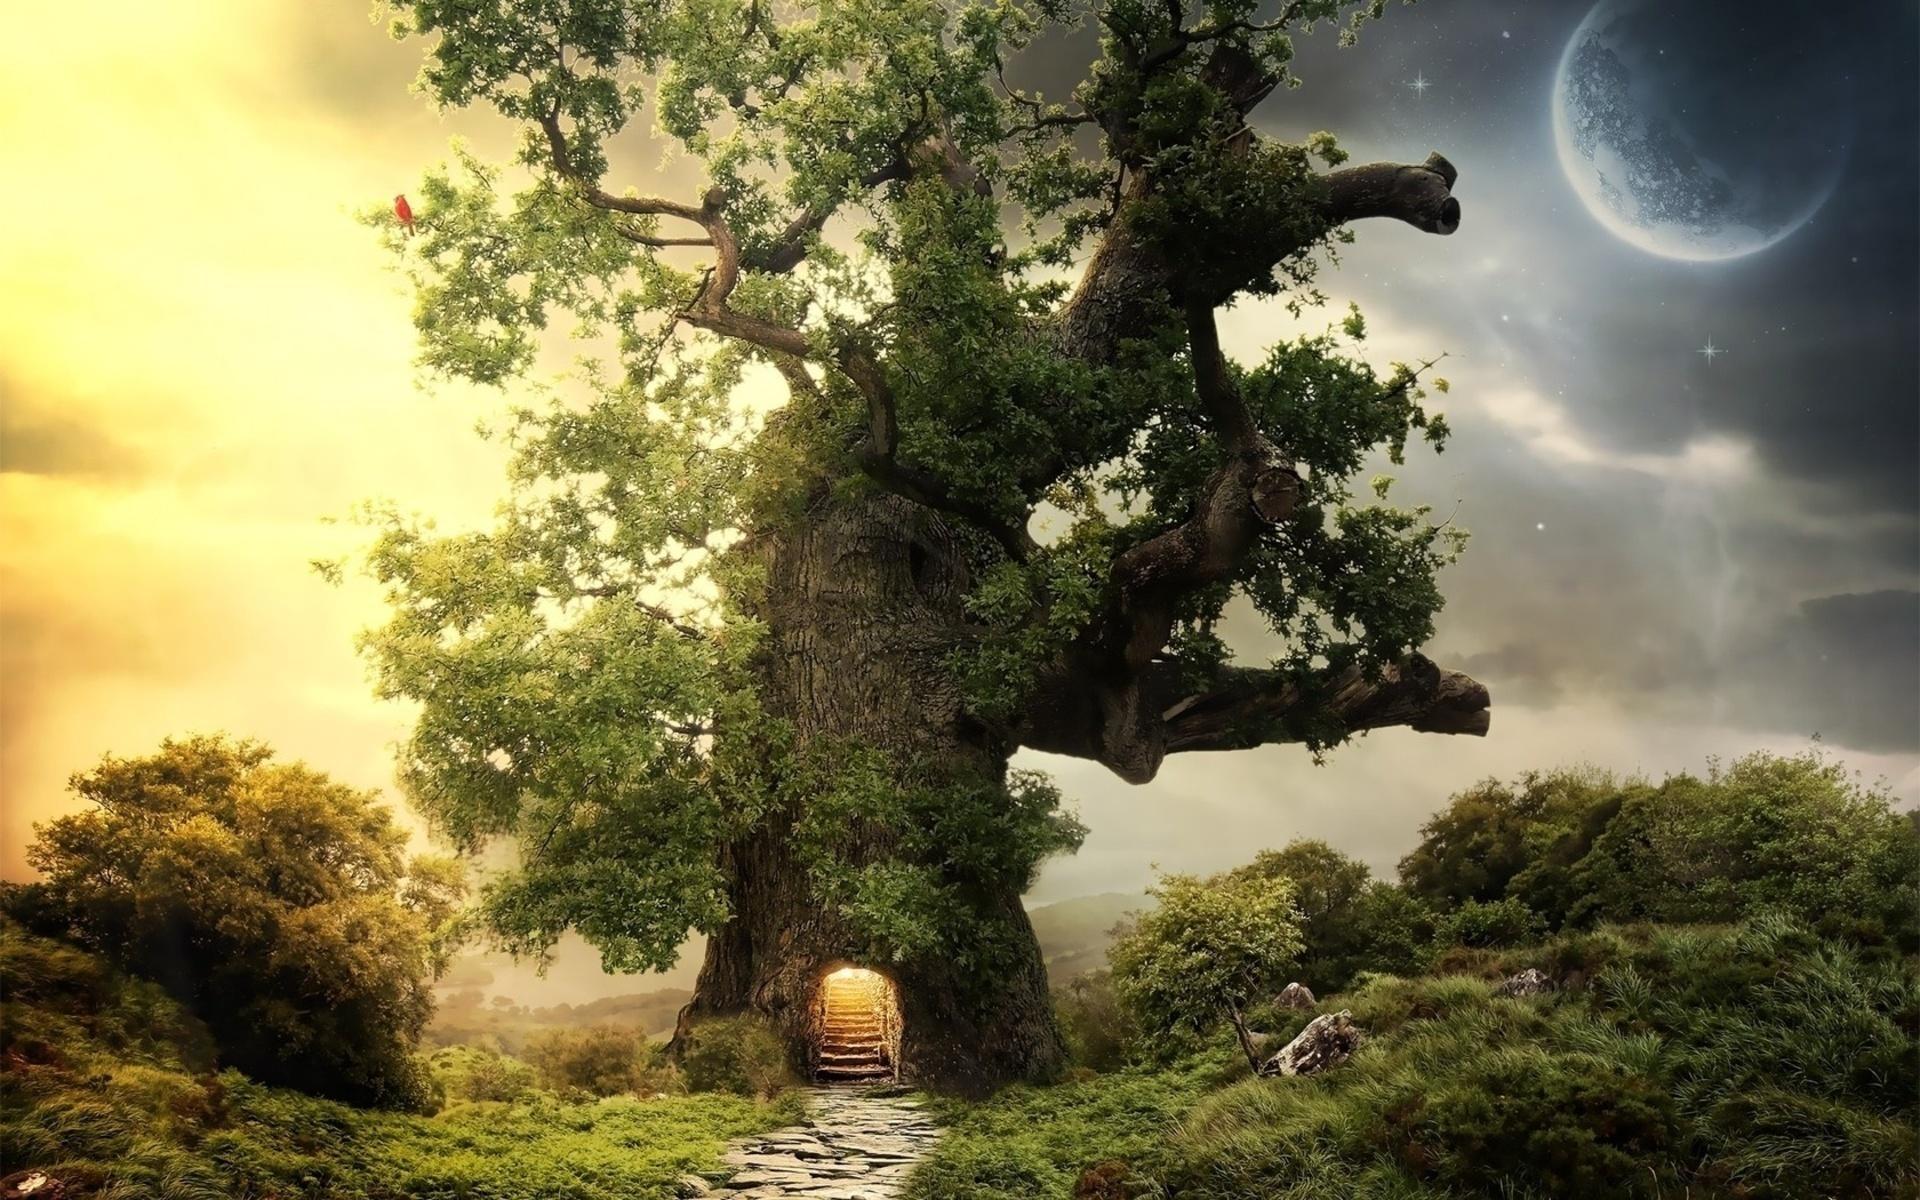 cuento infantil El árbol mágico